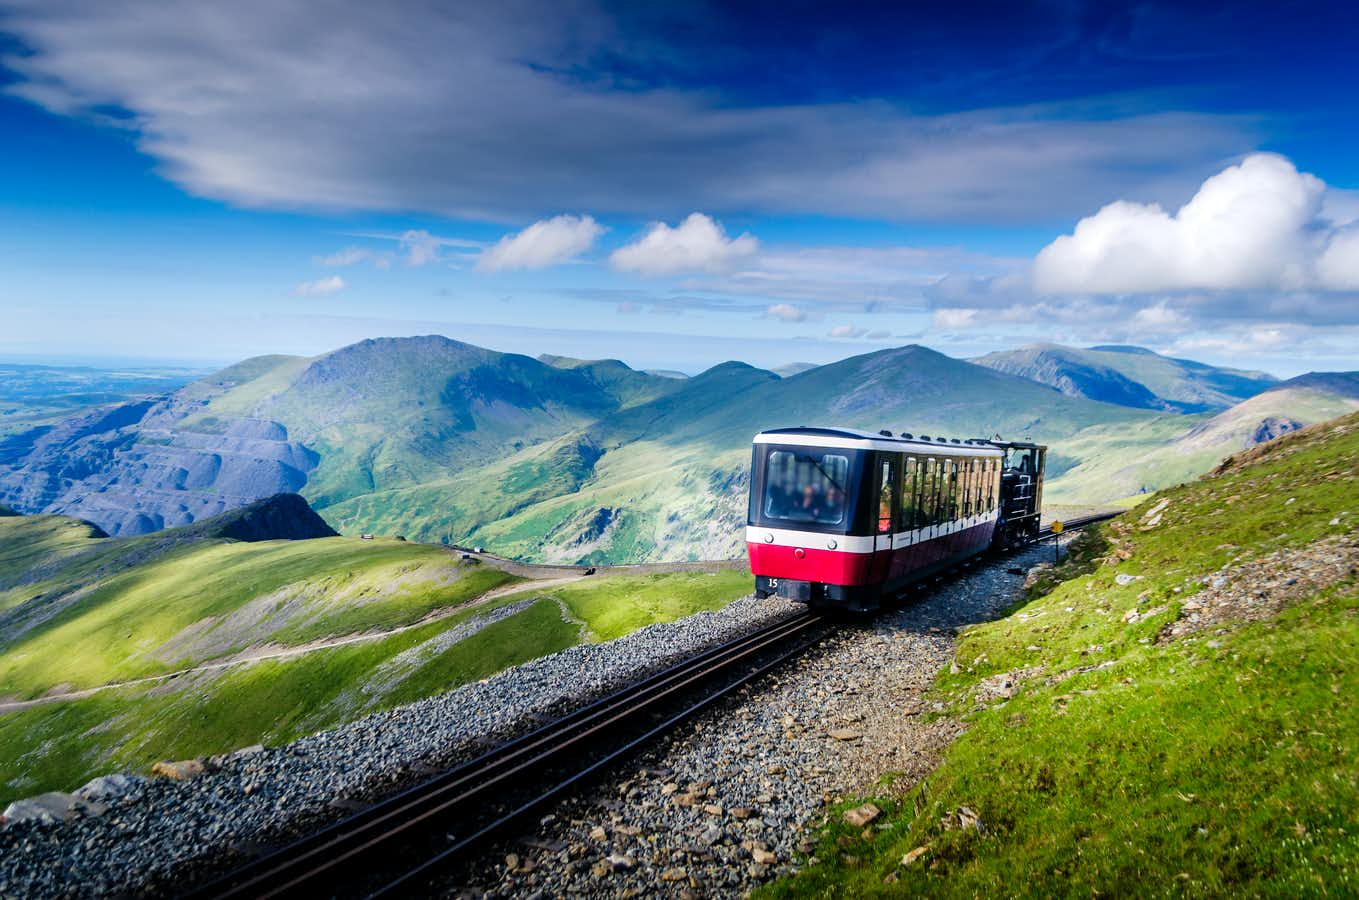 Snowdon Mountain Railway and Portmeirion